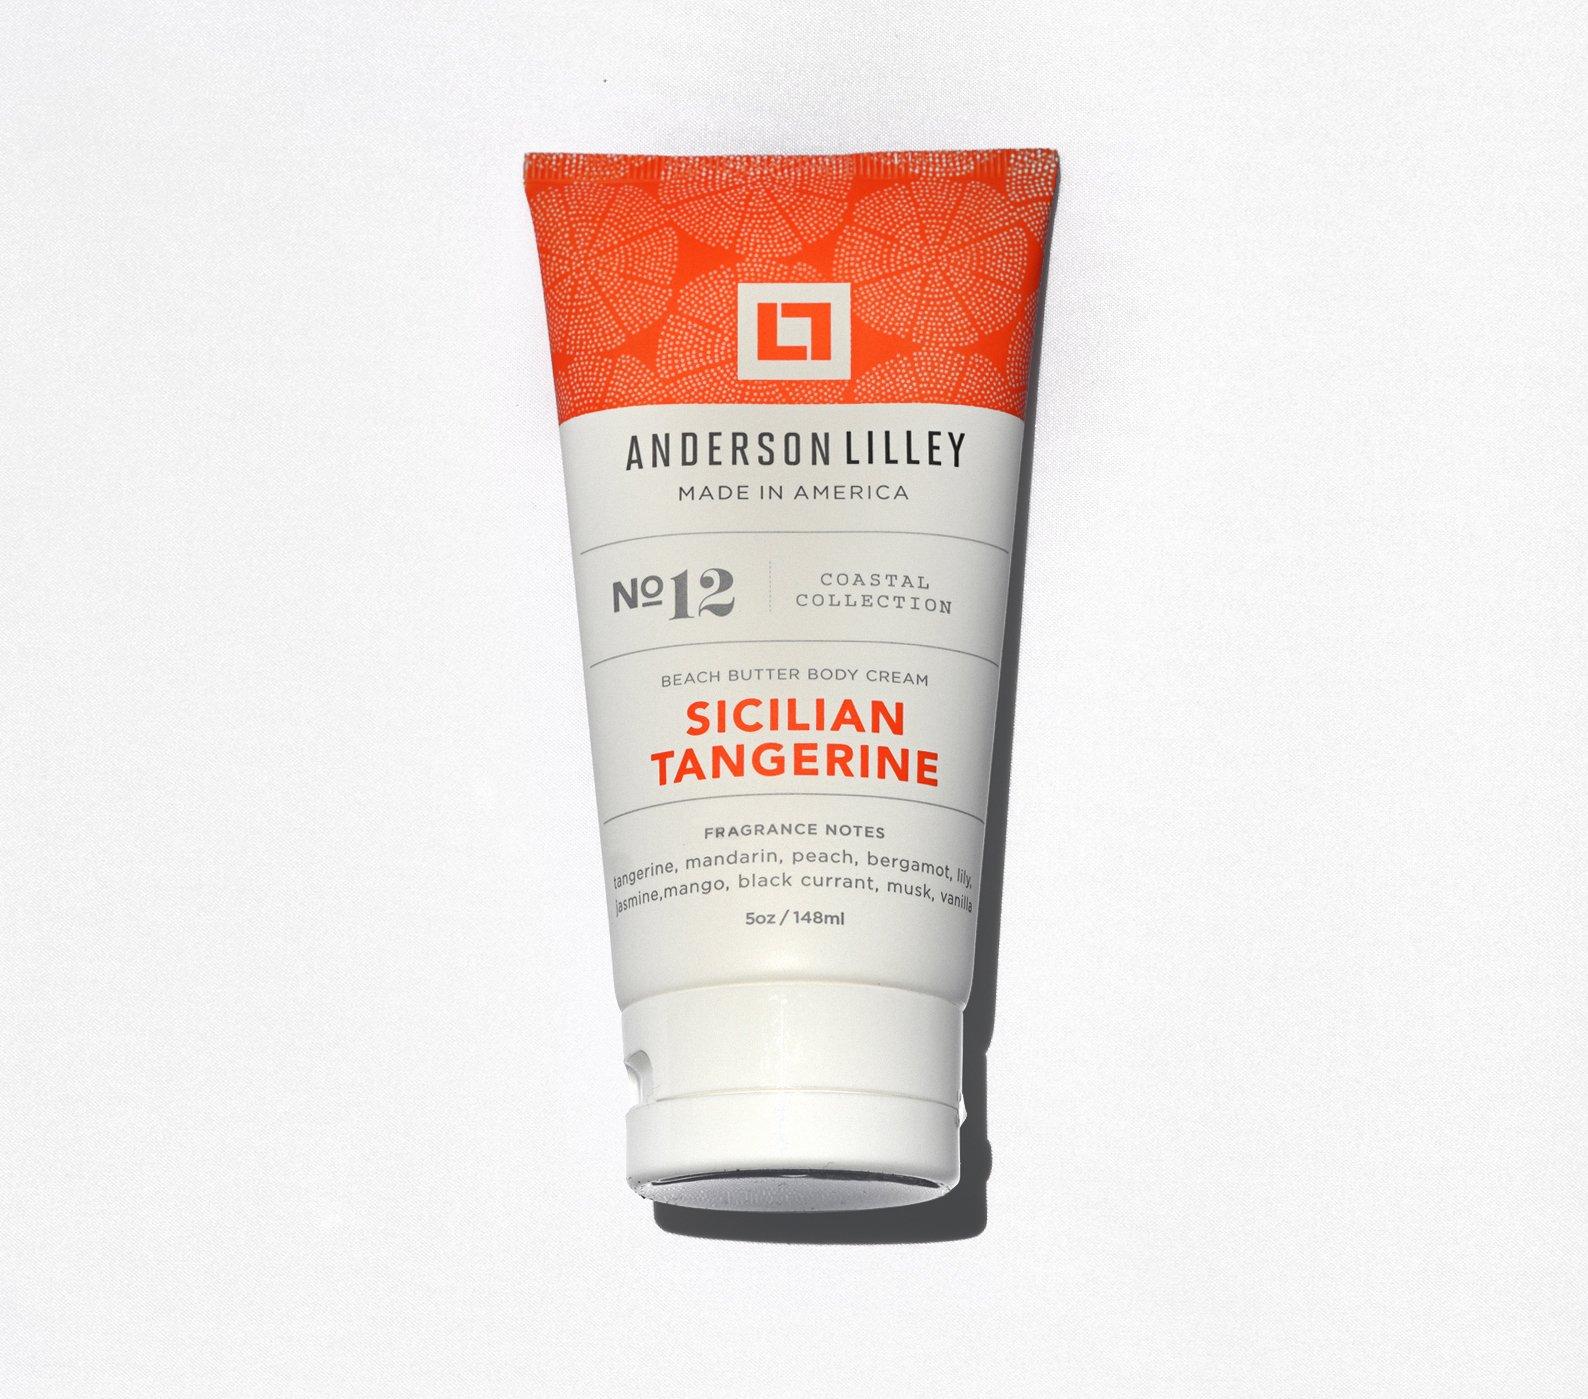 null - ANDERSON LILLEY Sicilian Tangerine Beach Butter Body Cream, Orange, 5 Ounce